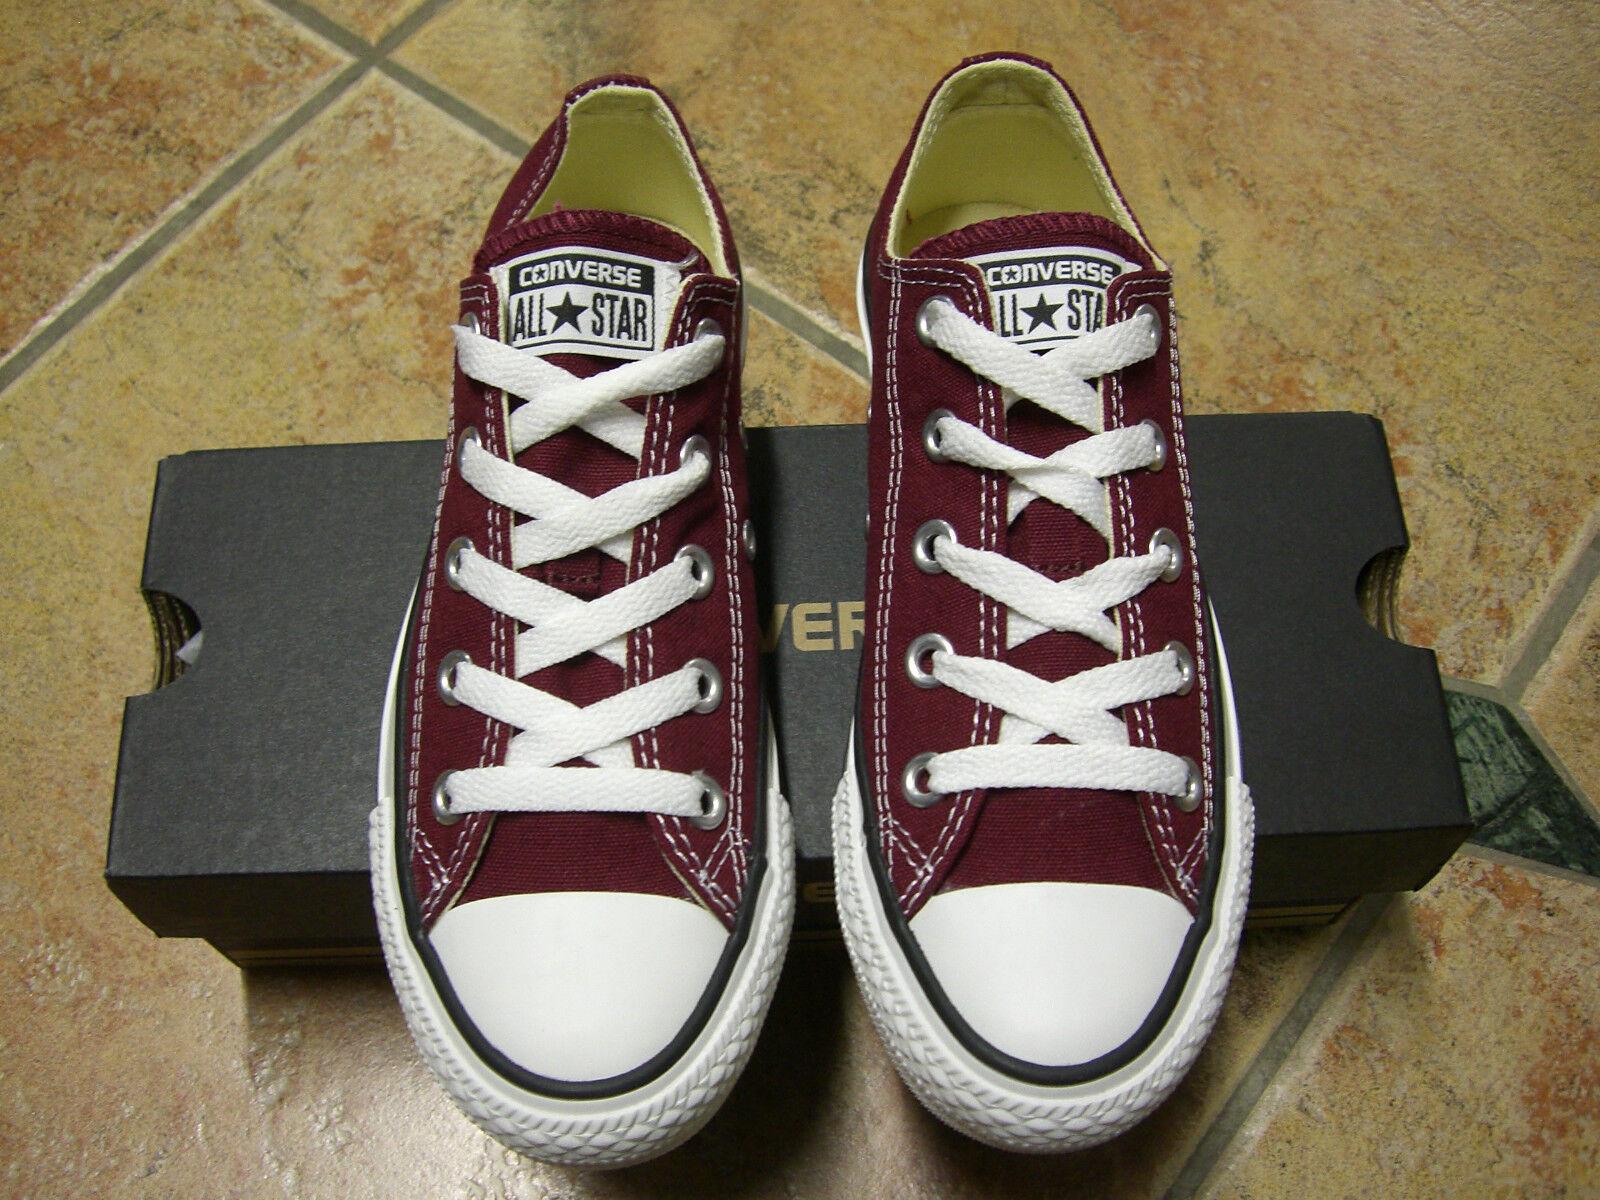 Converse Chucks All Star OX Größe 41  MAROON Weinrot M9691C  Neu Top Sneaker